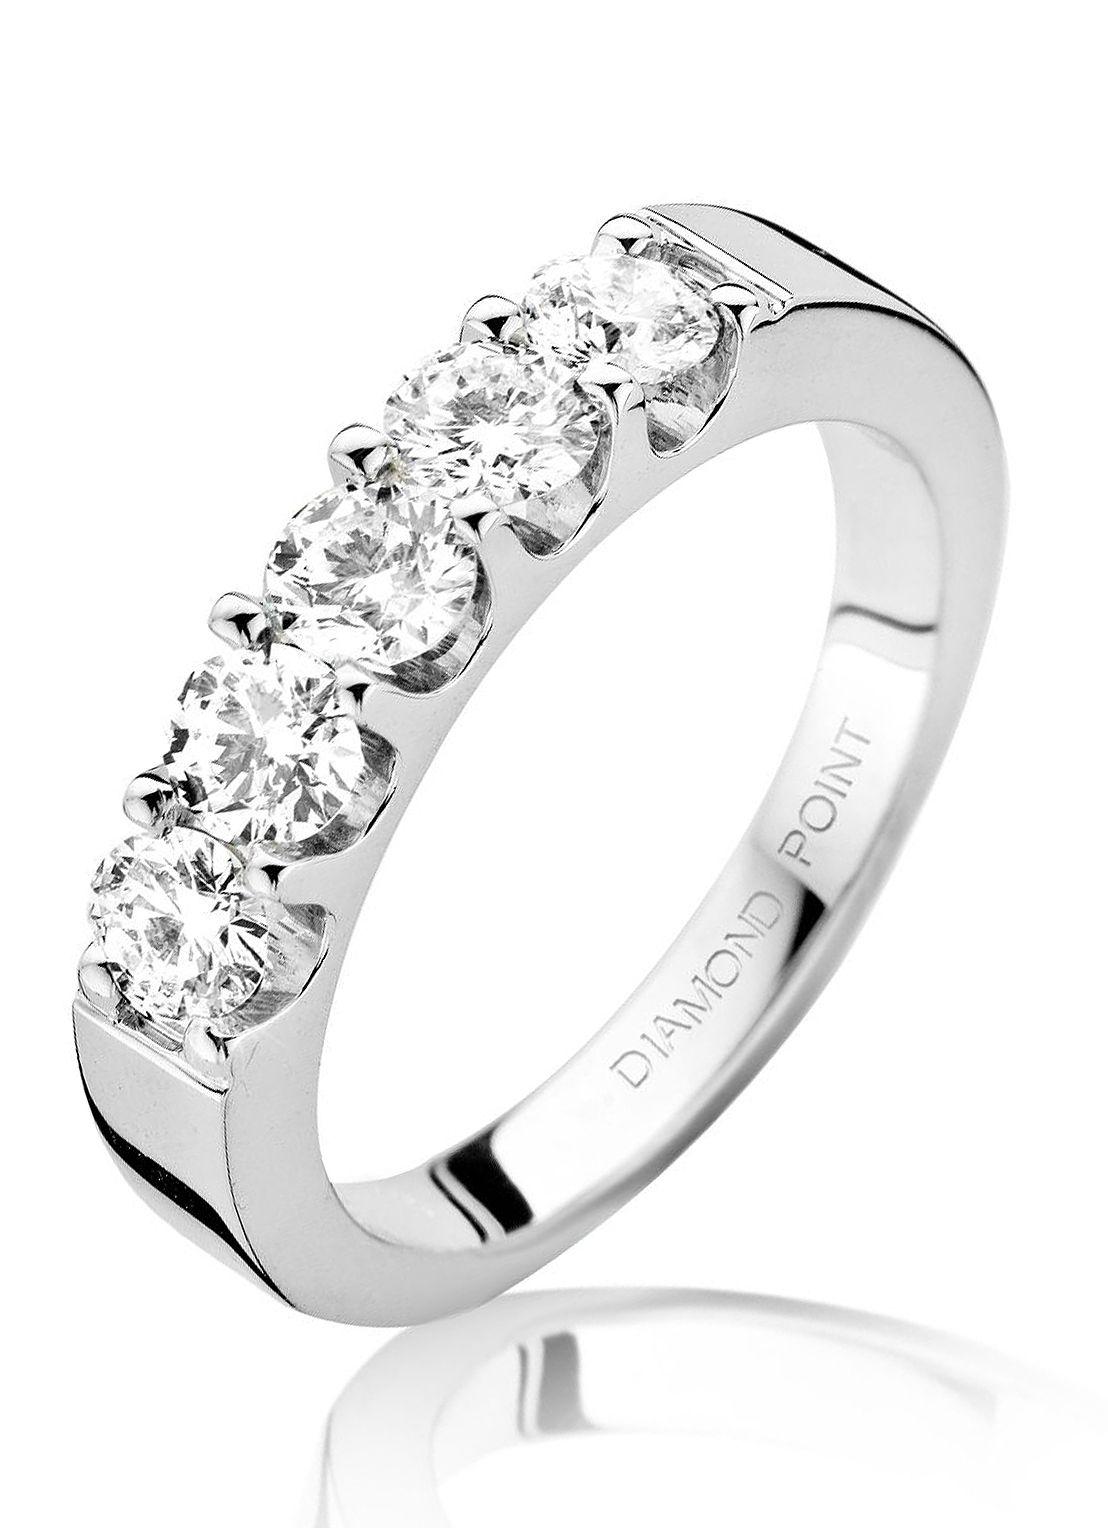 Witgouden alliance ring met diamanten - Diamond Point